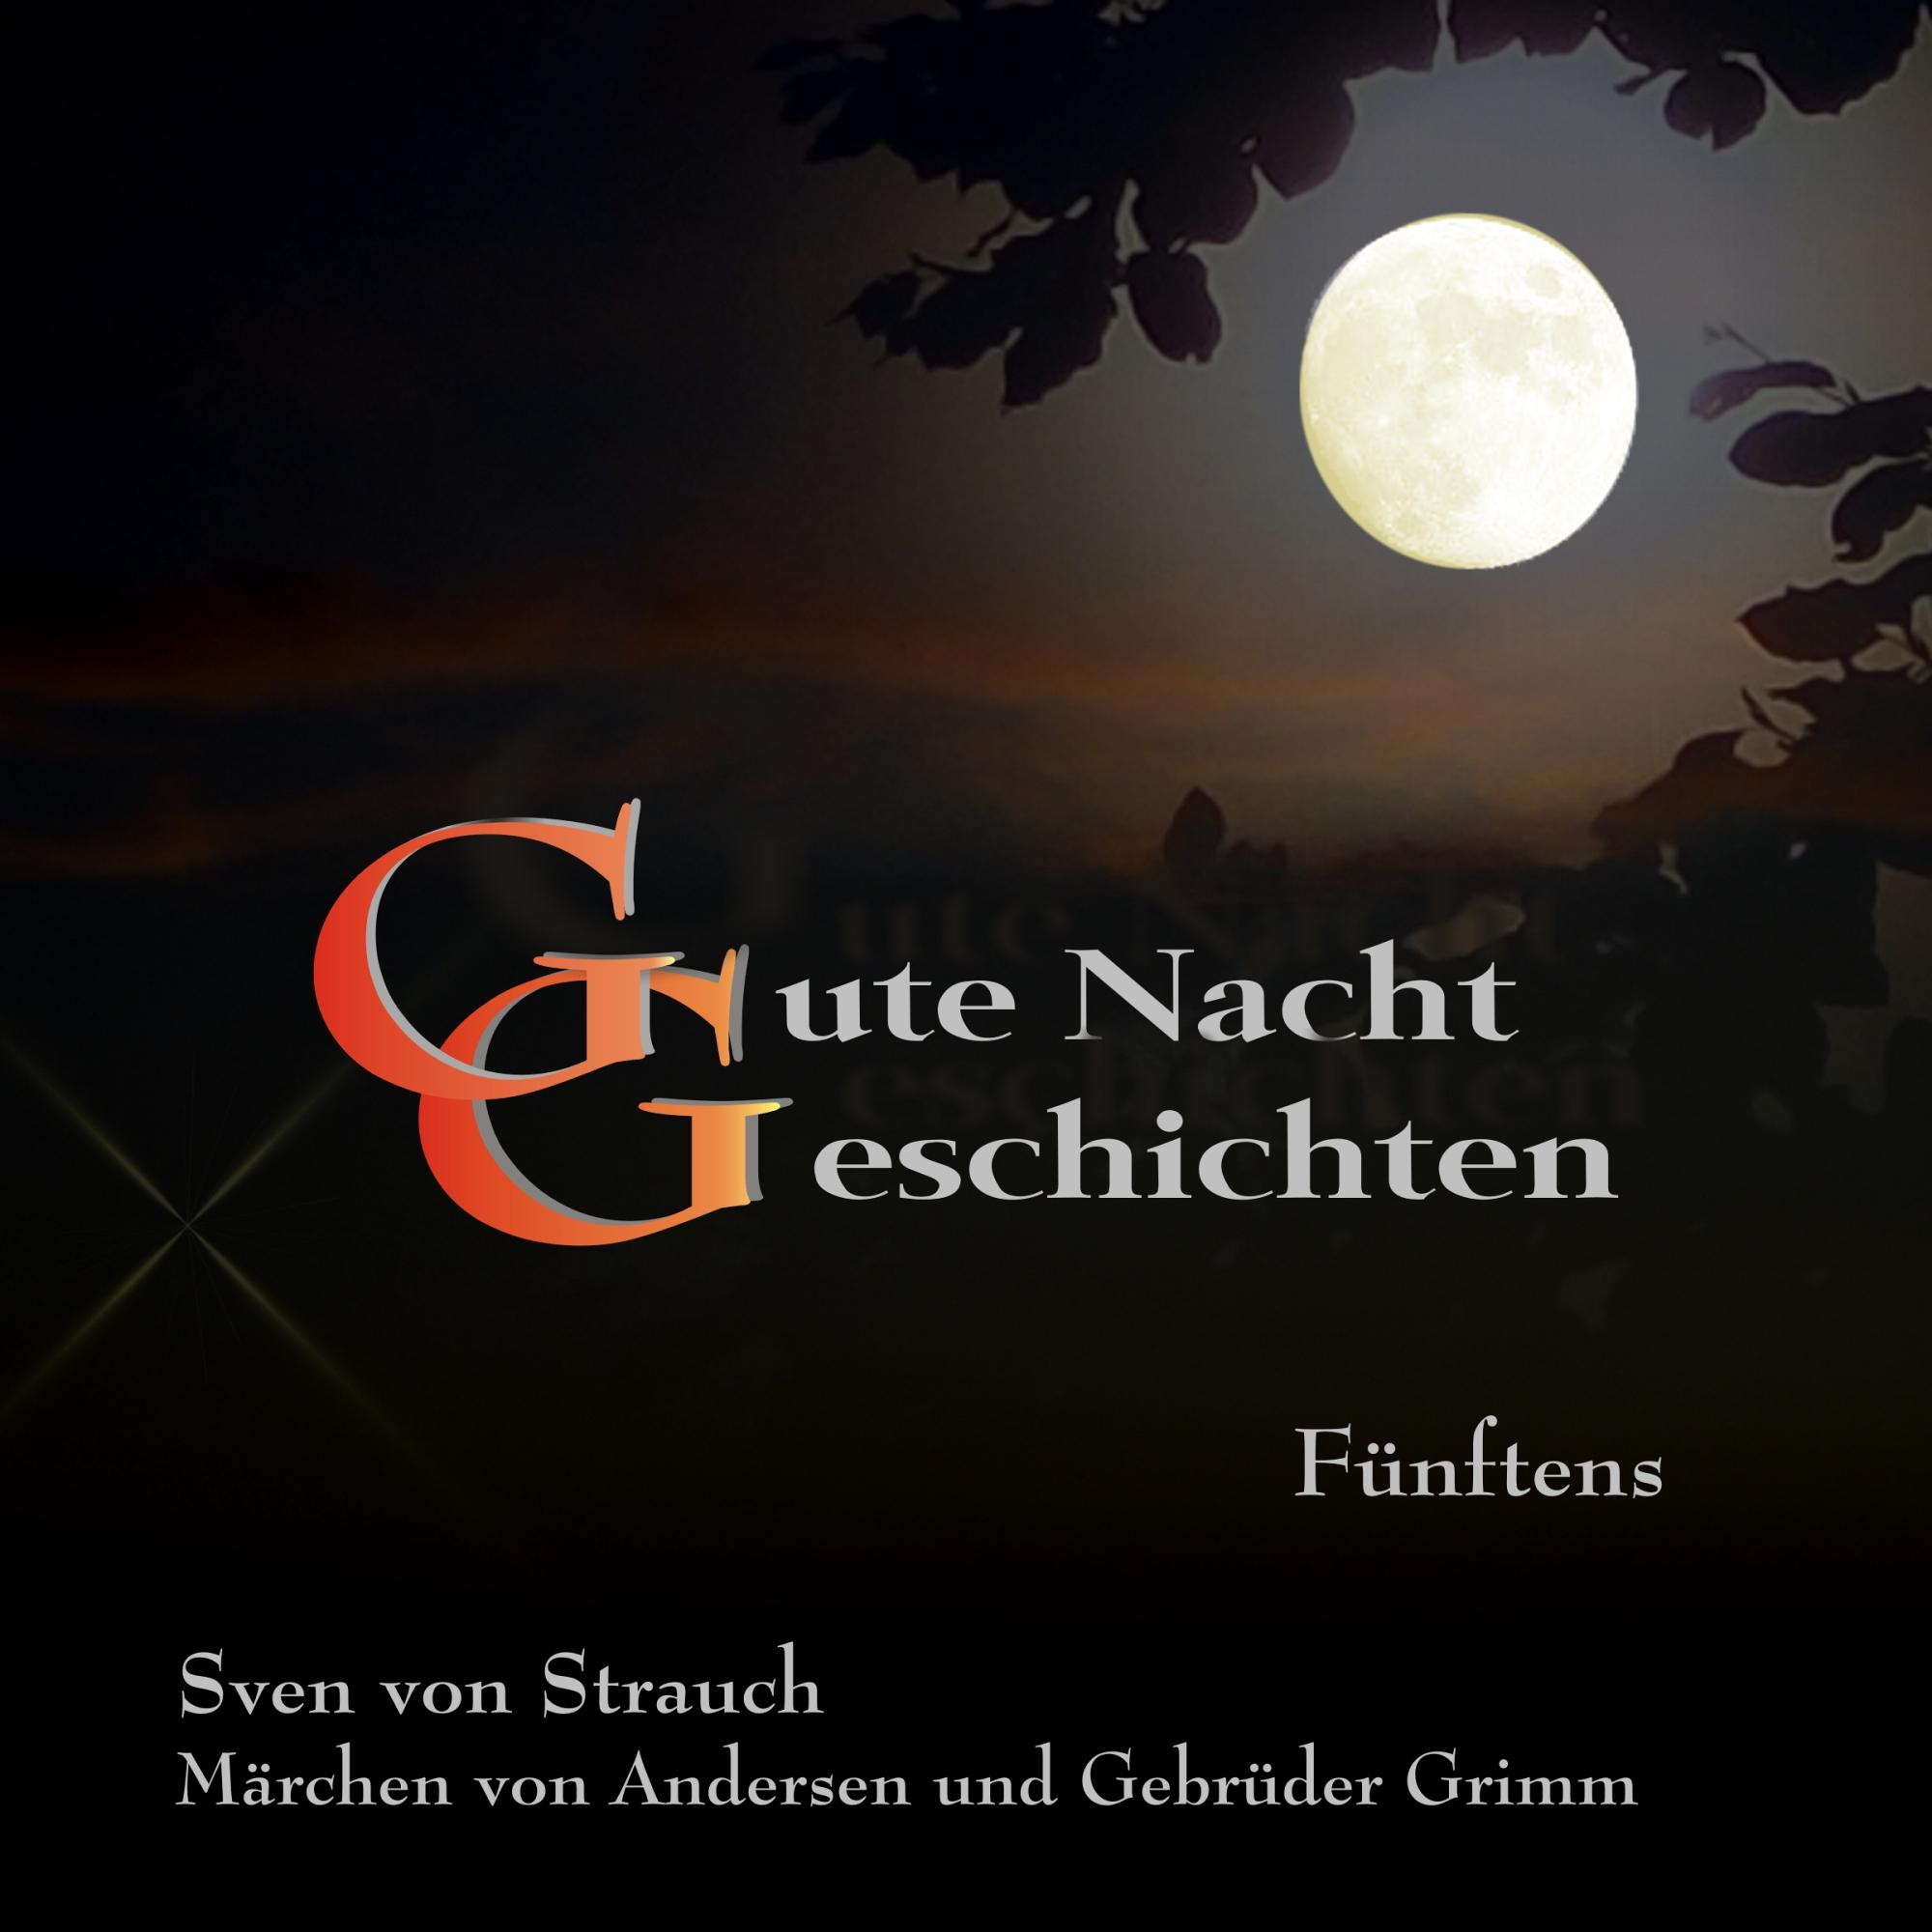 Gute-Nacht-Geschichten-Fünftens